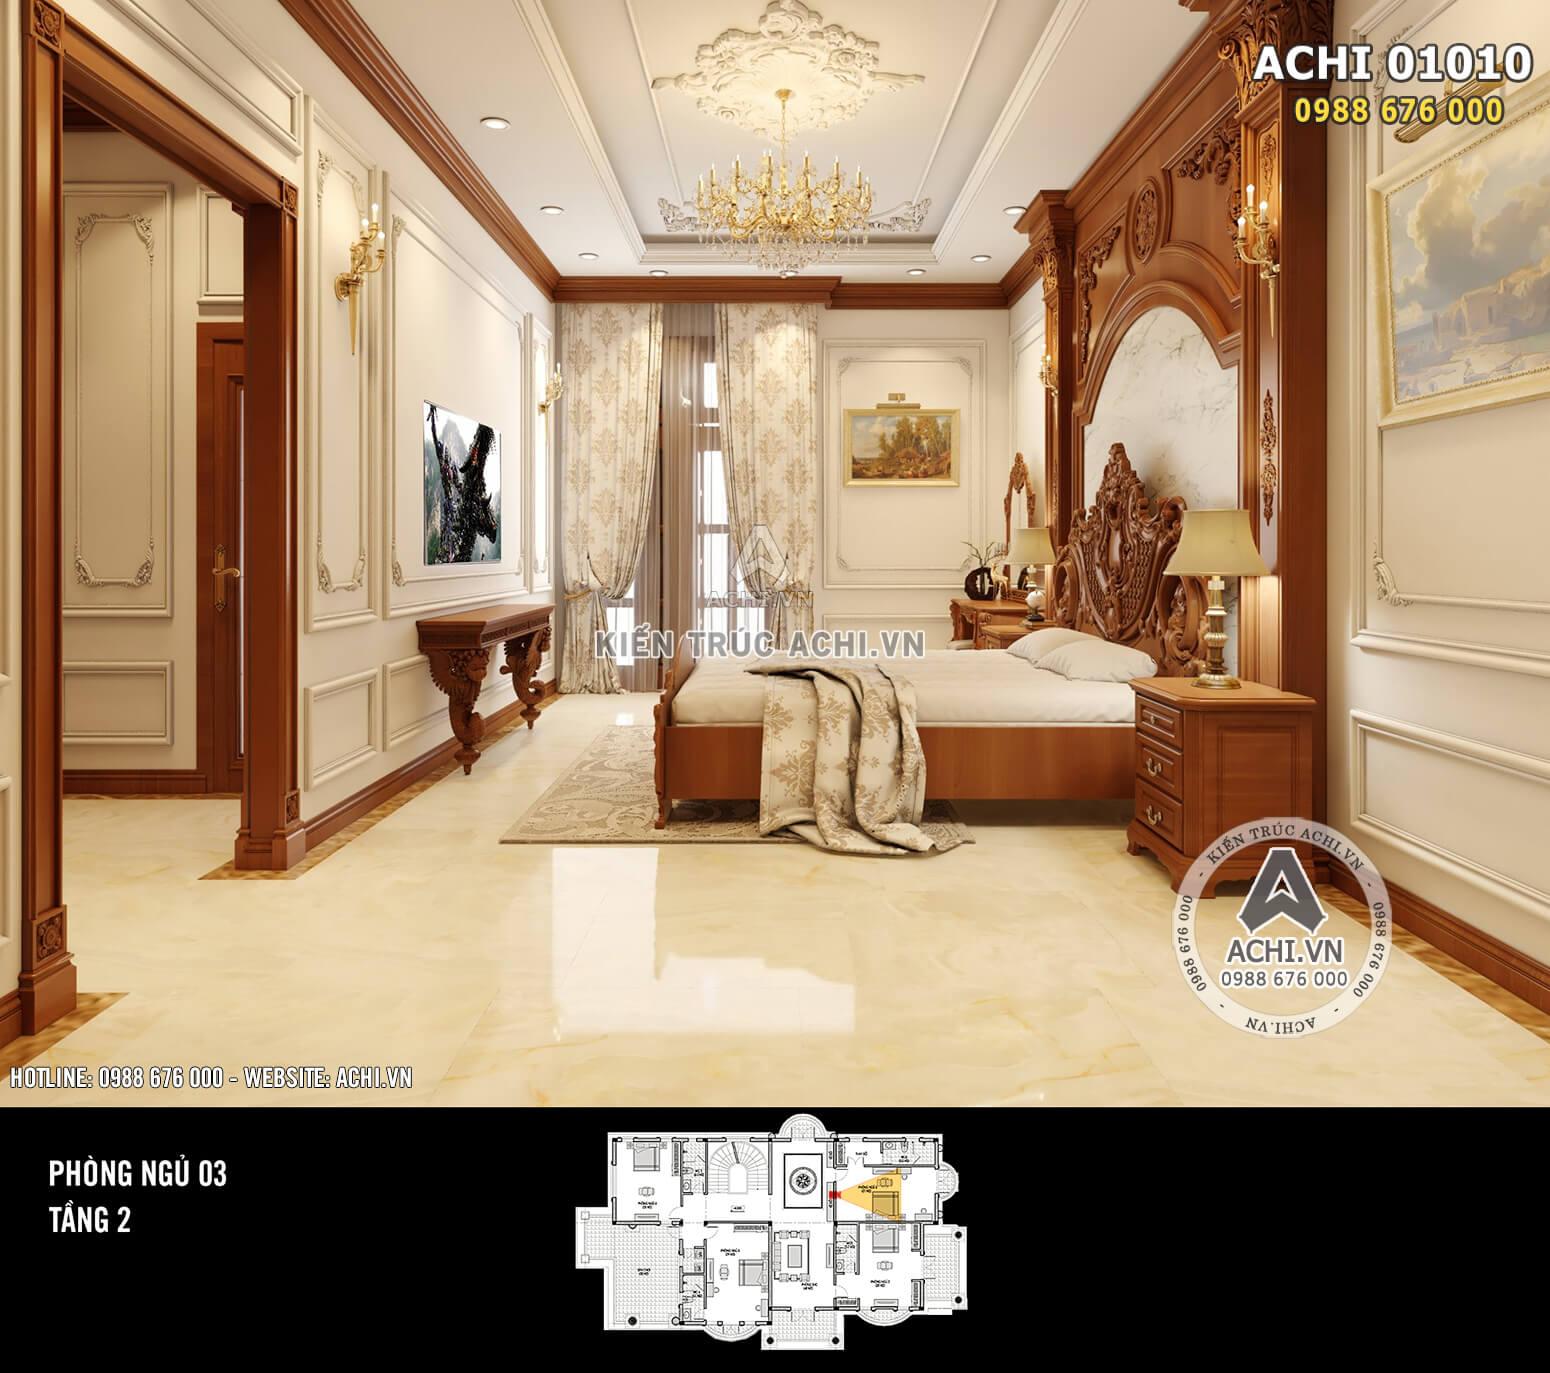 Hình ảnh: Thiết kế nội thất tân cổ điển - Phòng ngủ 2 - 01